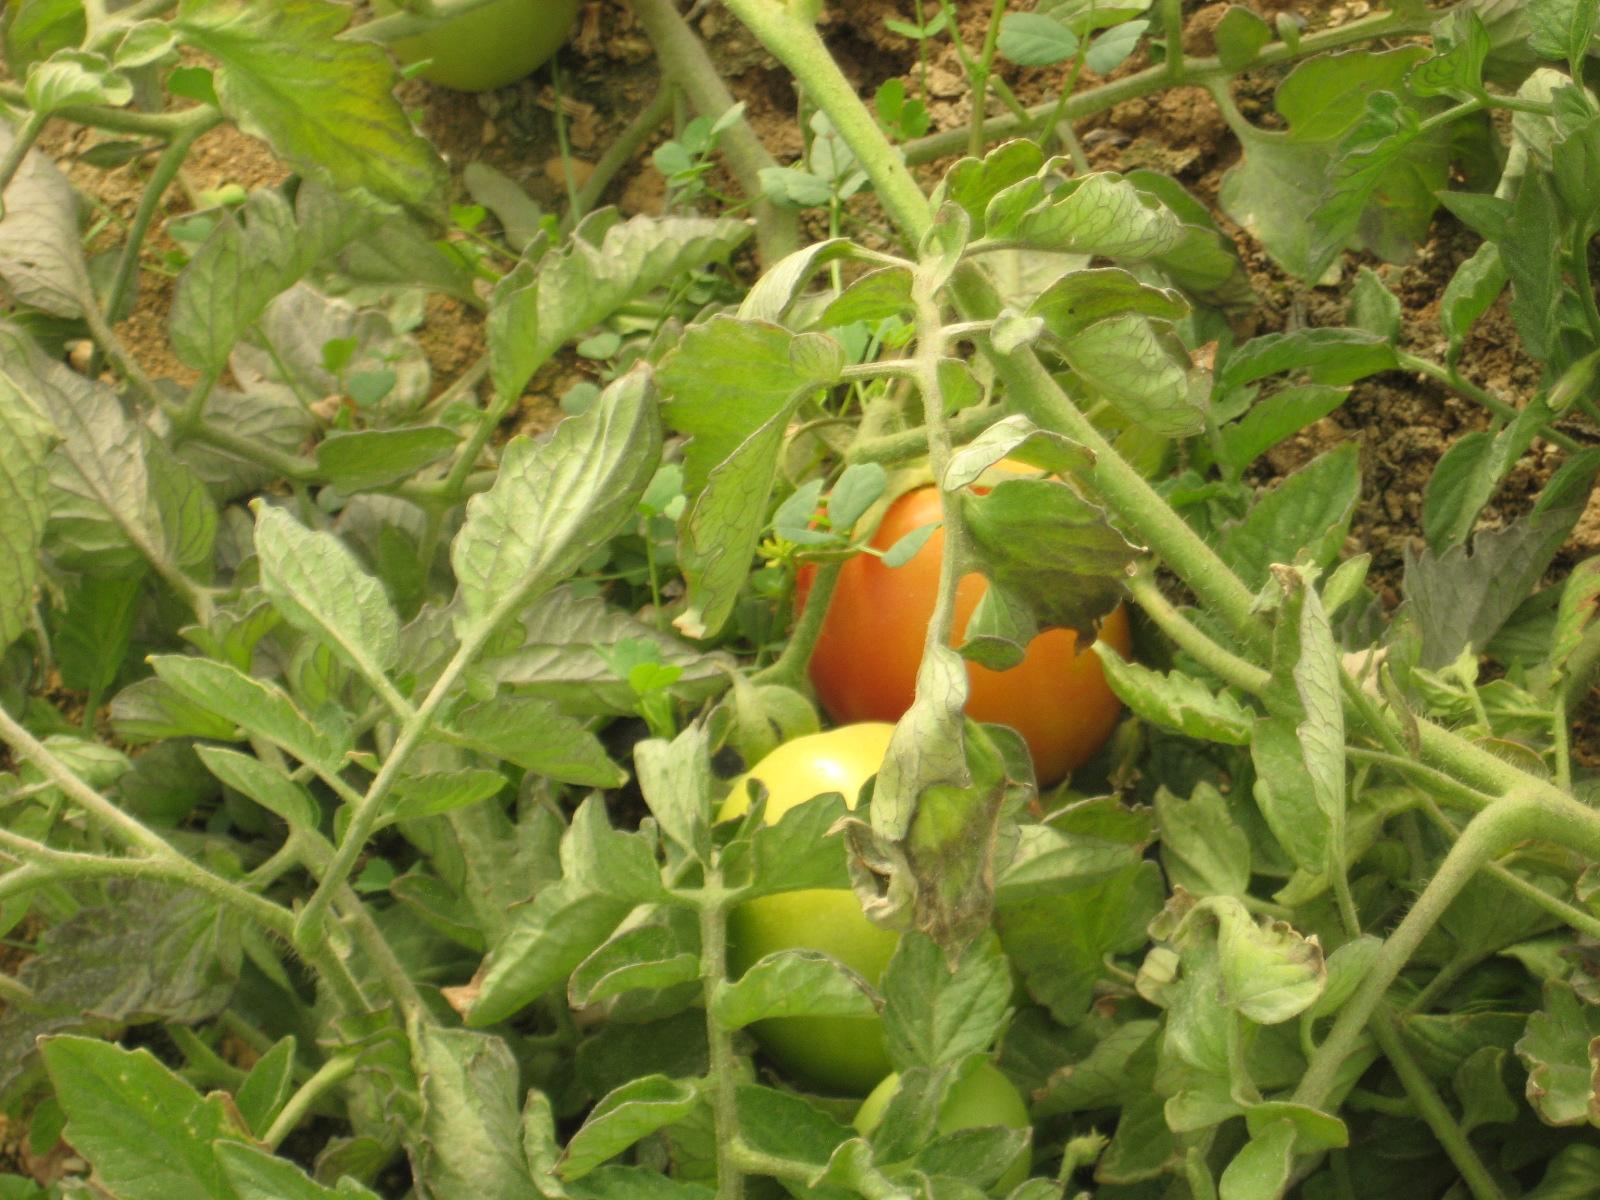 بخش گیاه پزشکی دانشکده کشاورزی دانشگاه شیراز از مزارع و گلخانه های استان بوشهر بازدید نمودند